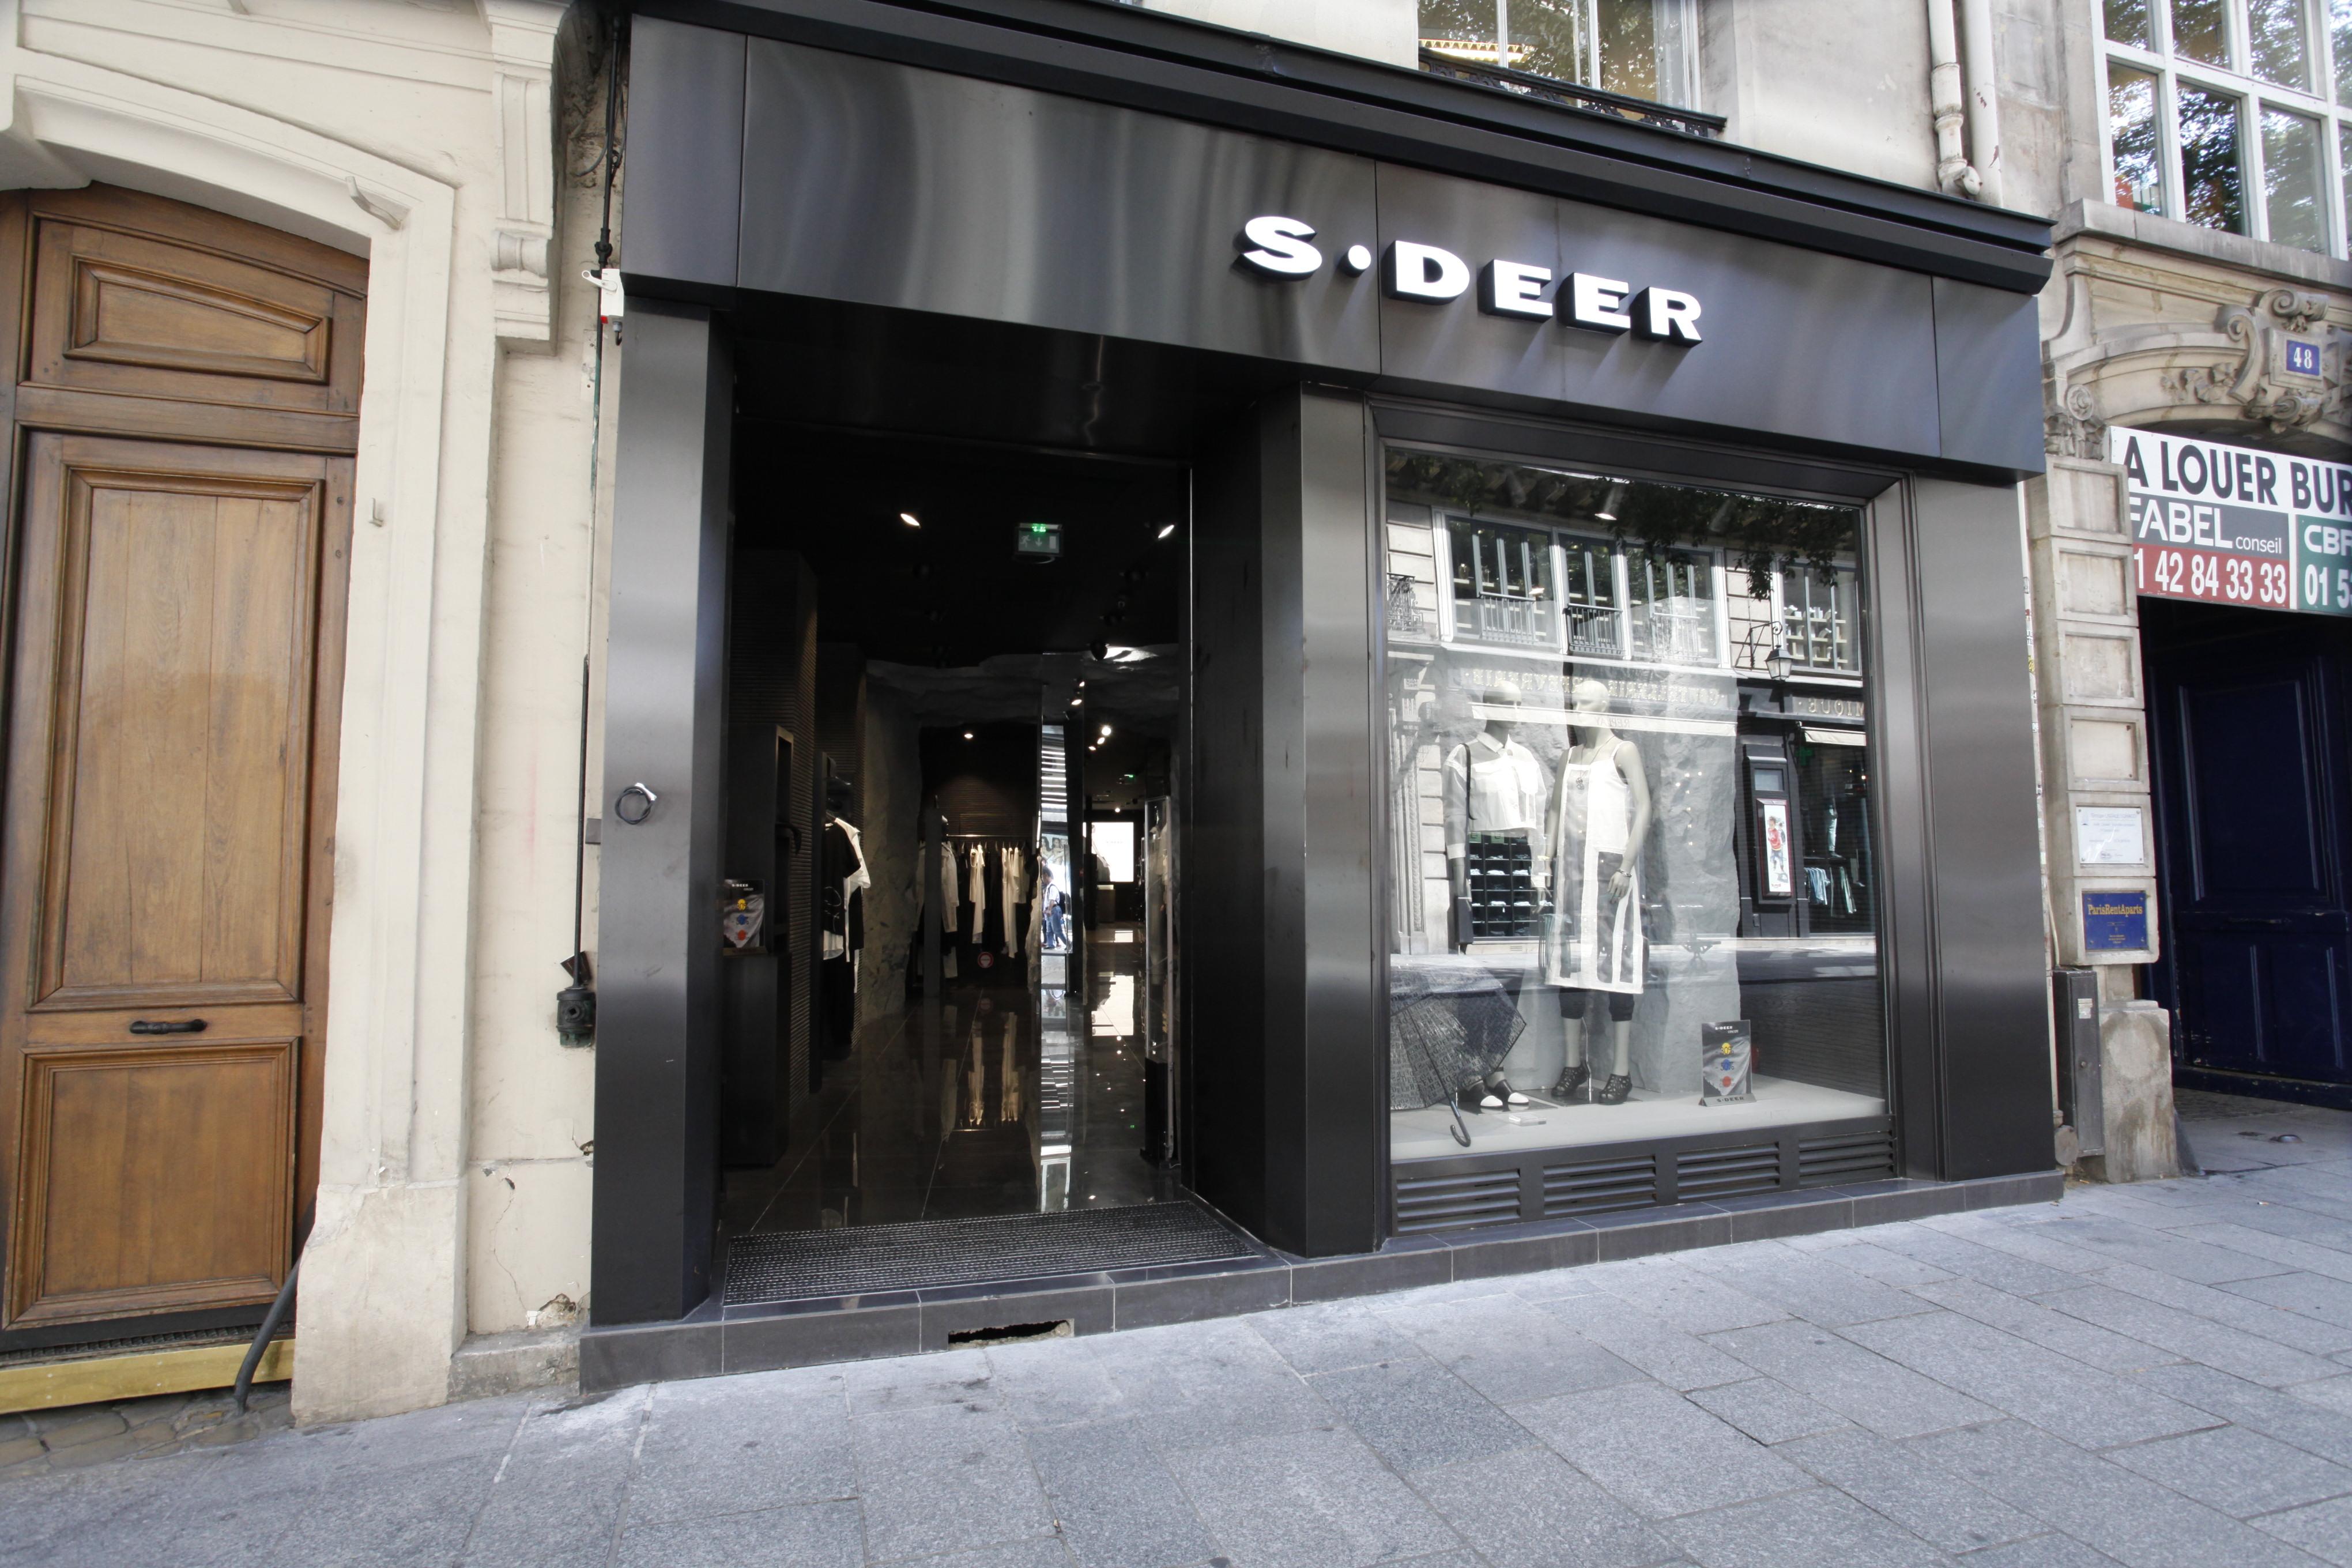 SDEER1791